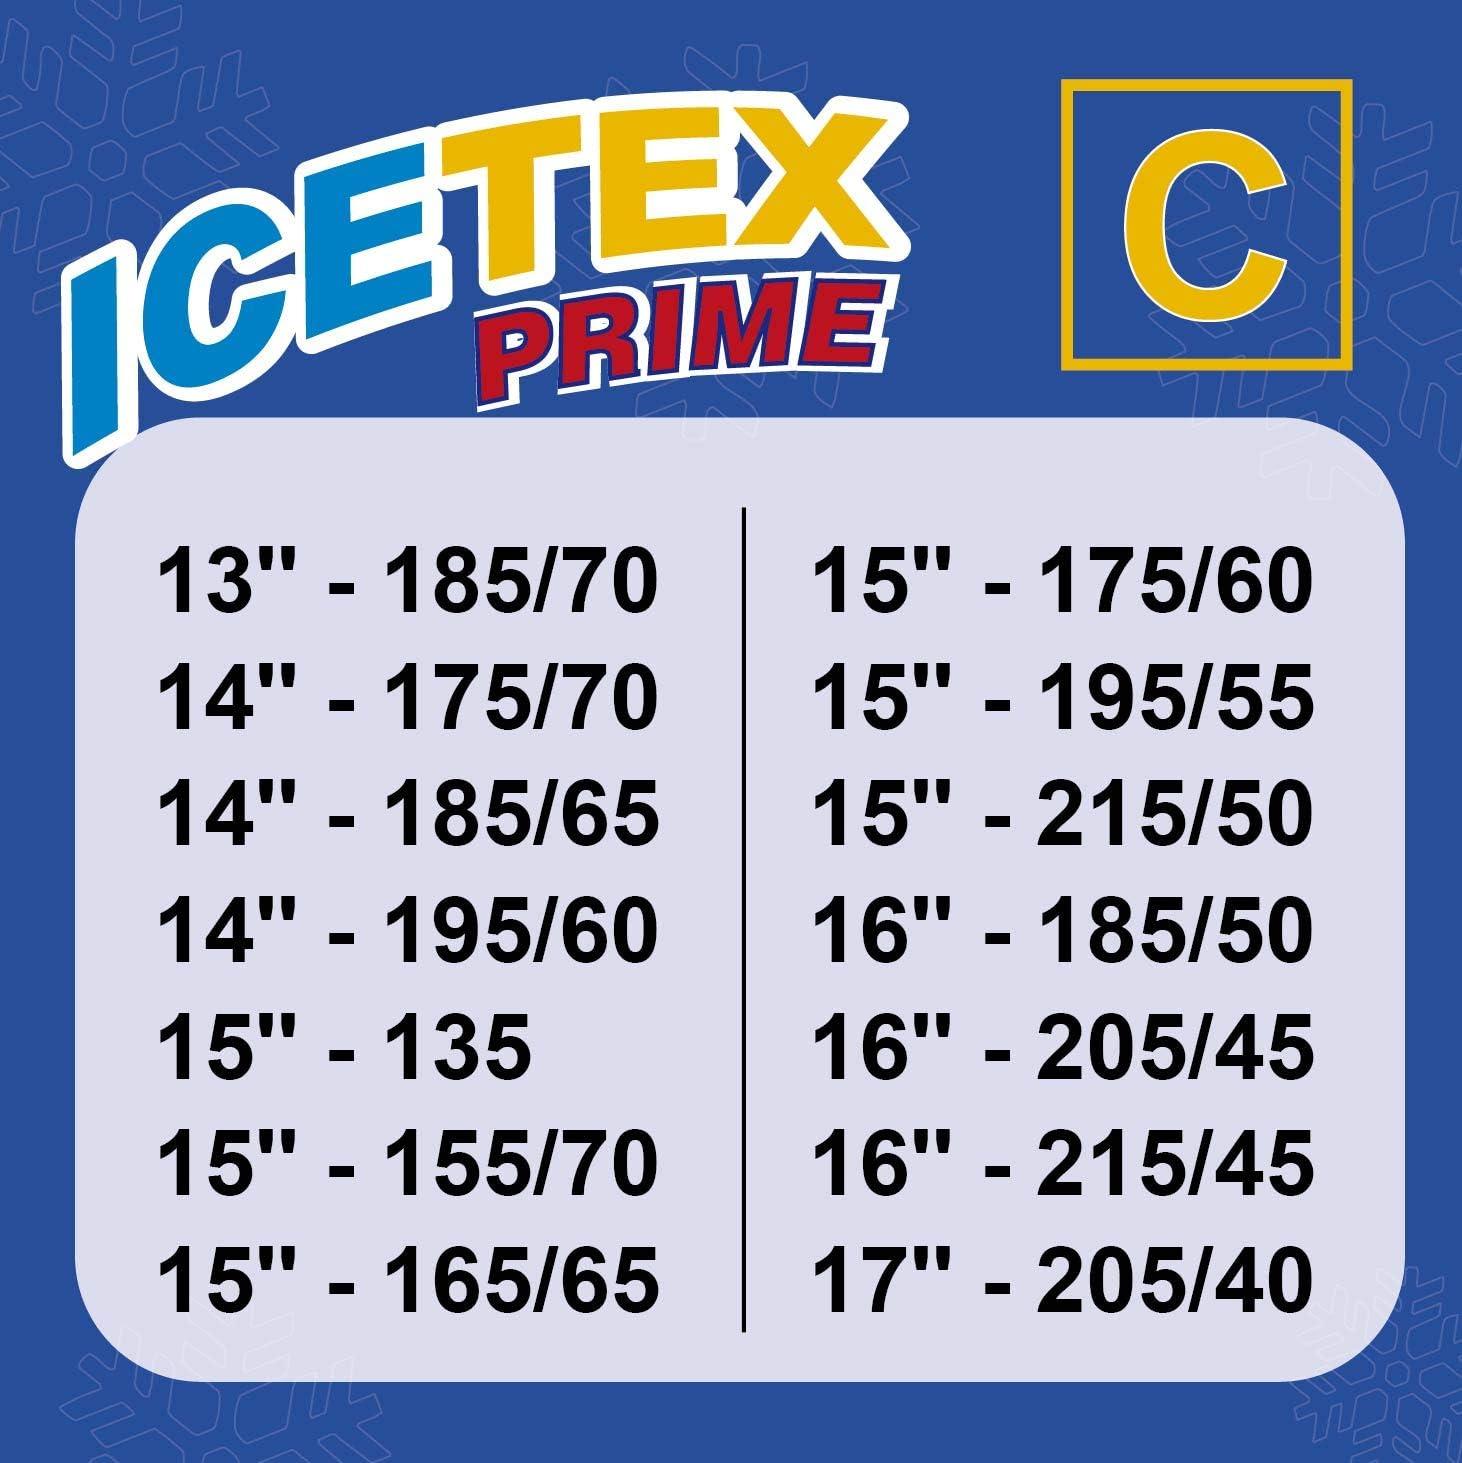 Chaussettes Textiles Antid/érapantes - 3405.0051811 Chaine De Neige Textile Taille XS Adh/érence Maximale ICETEX PRIME